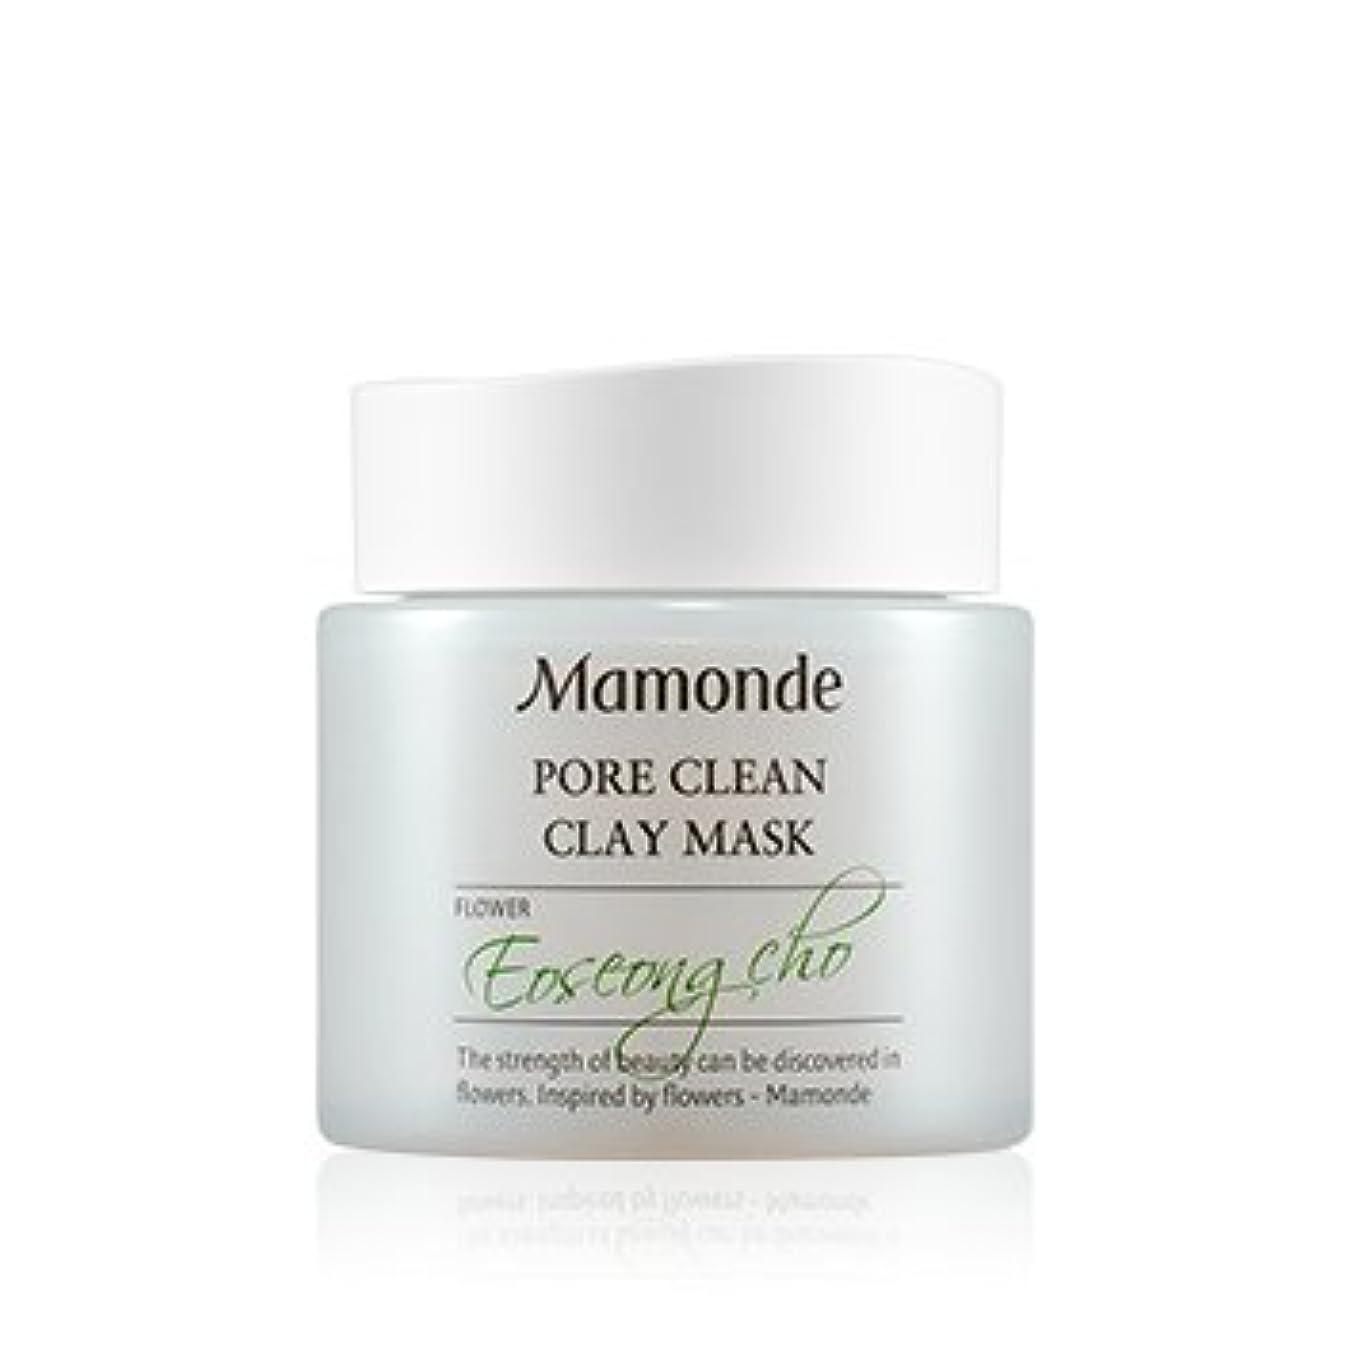 レースパステル蒸気[New] Mamonde Pore Clean Clay Mask 100ml/マモンド ポア クリーン クレイ マスク 100ml [並行輸入品]